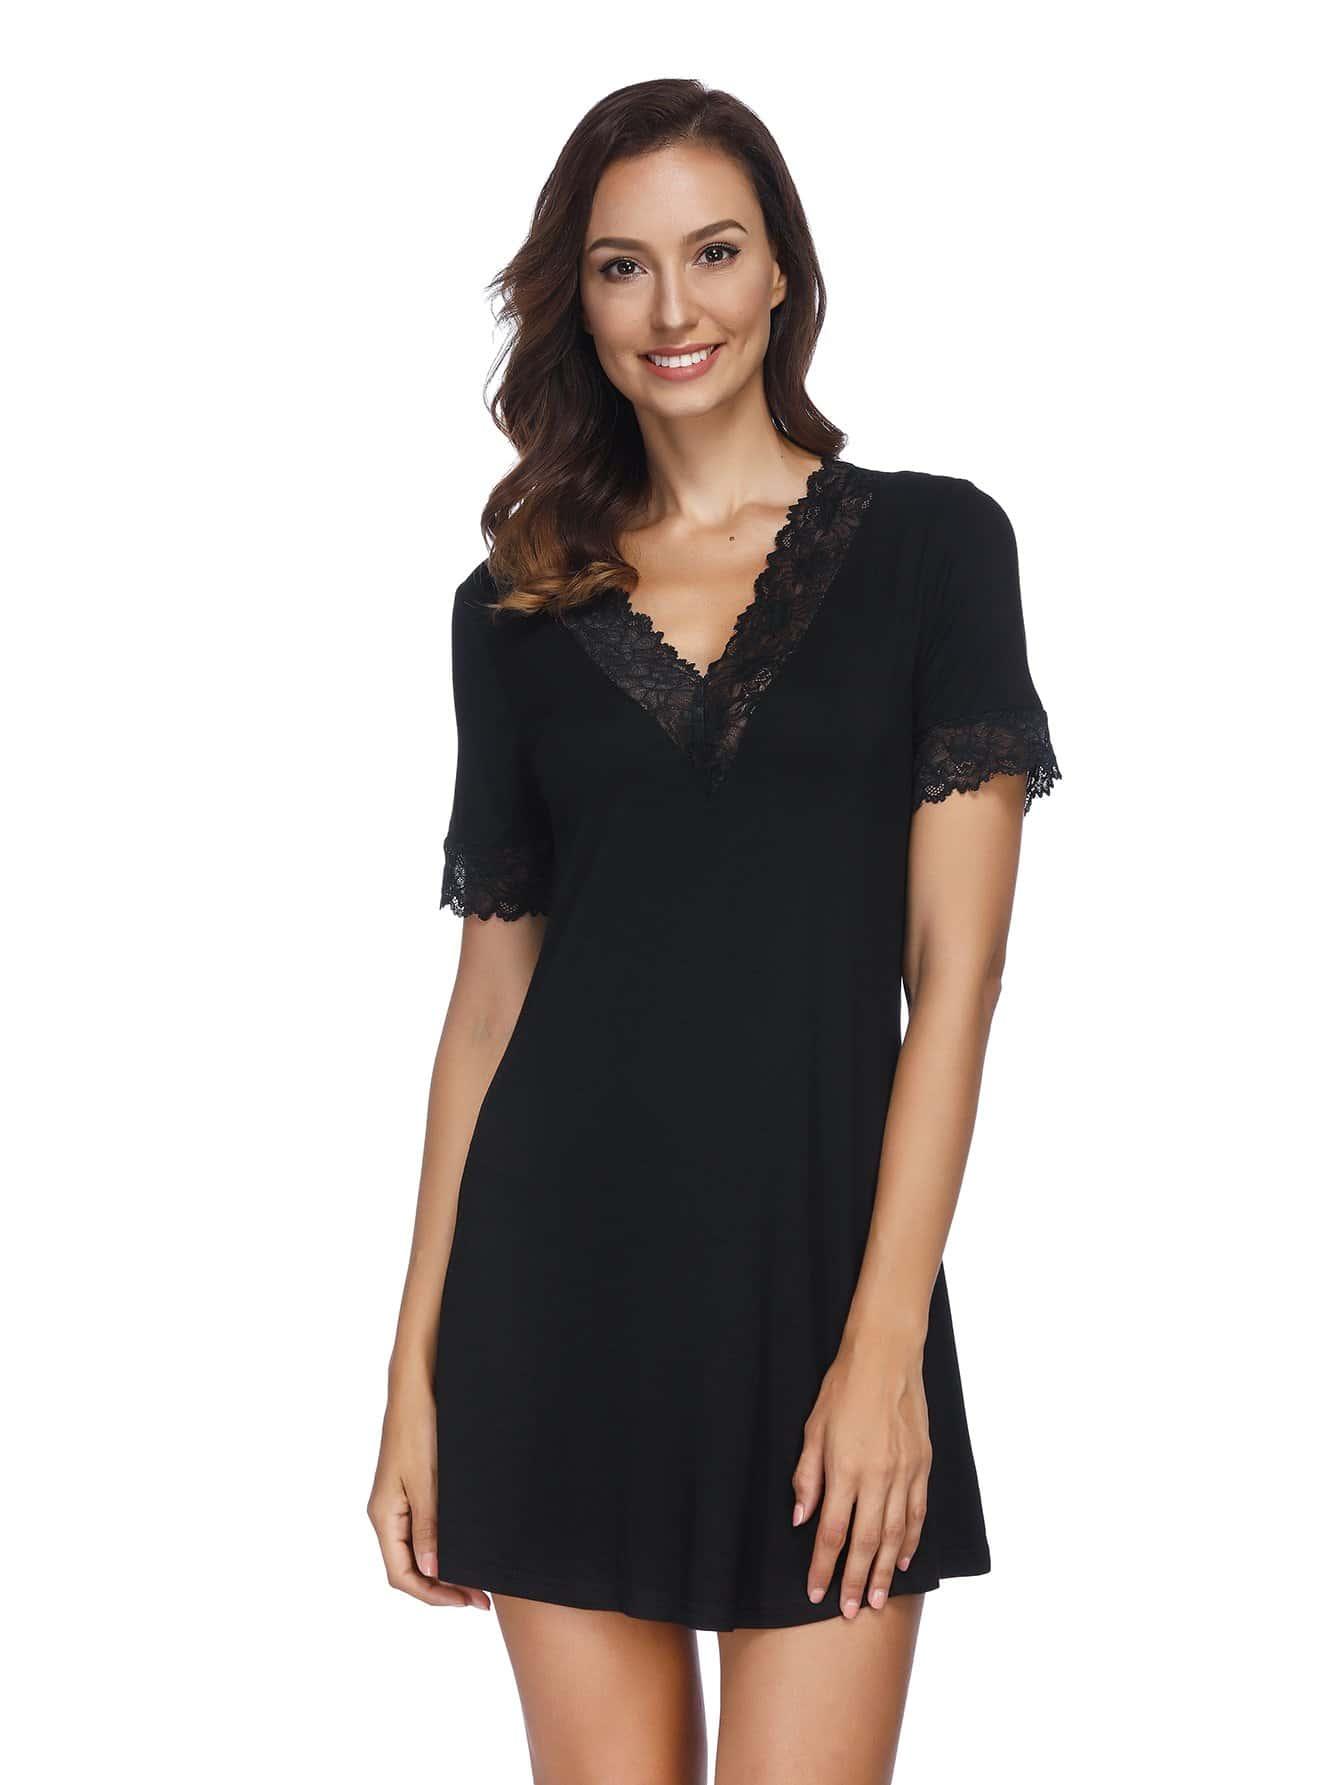 Купить Ситцевая ночная сорочка с кружевными оборками, null, SheIn